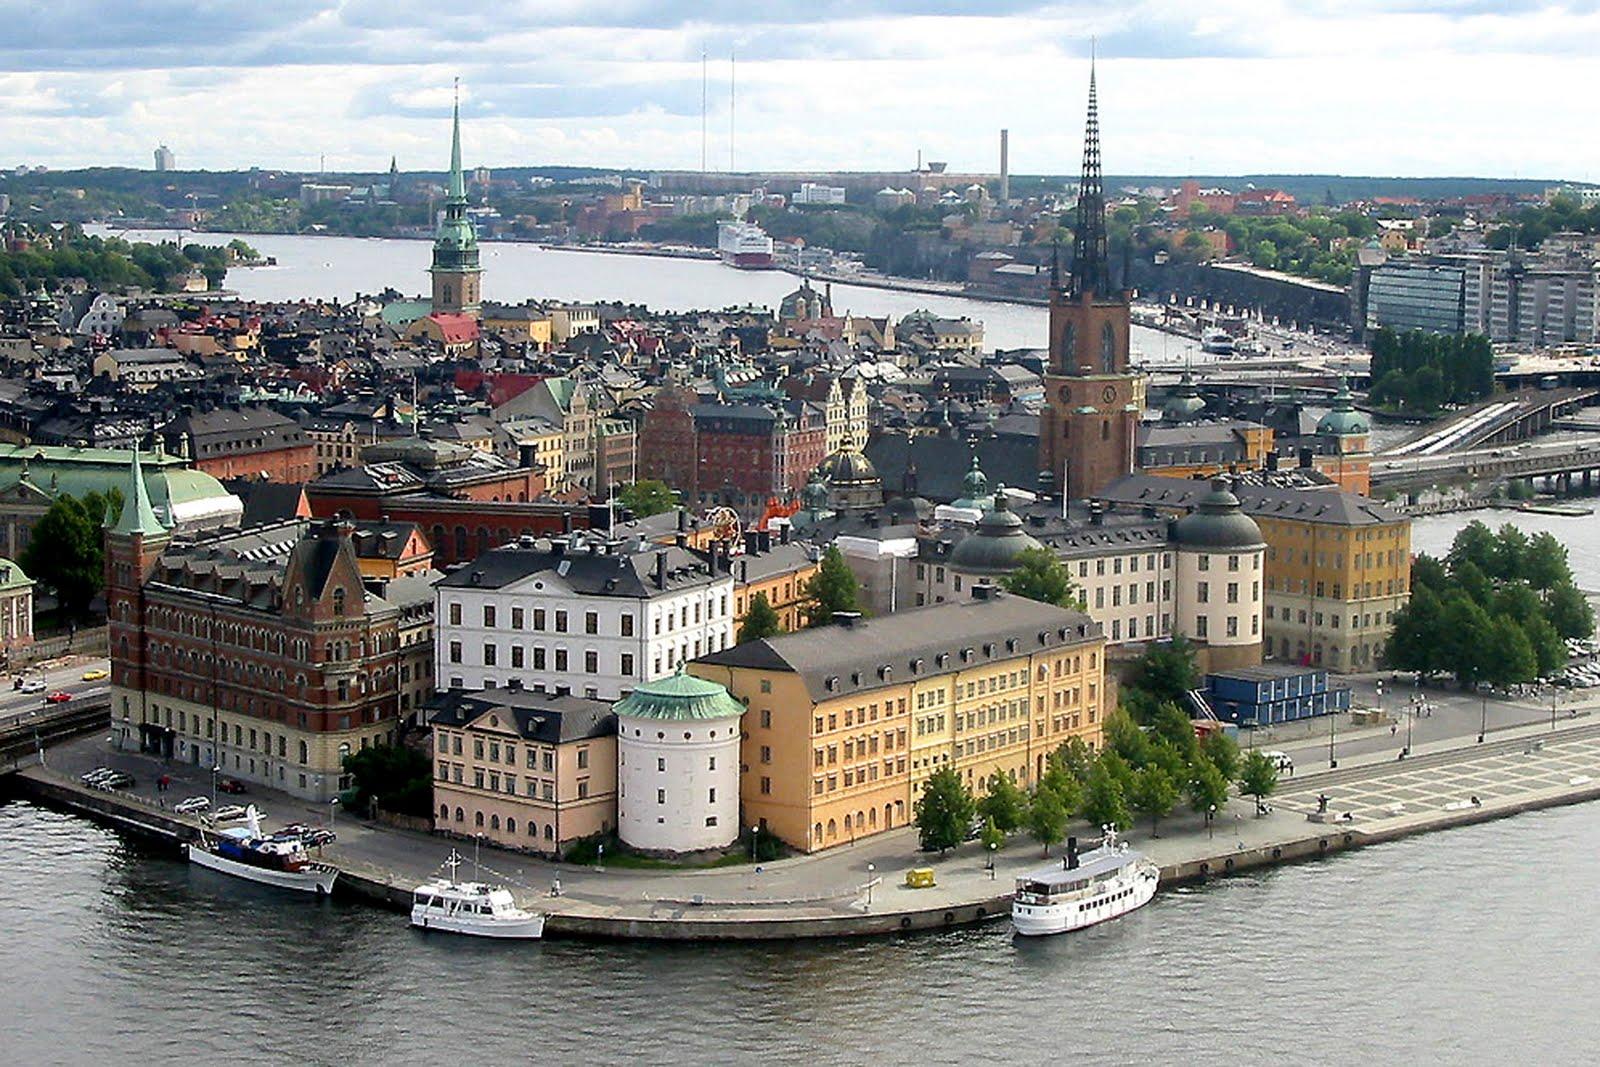 ... Pictures of Sweden http://gonesavage.blogspot.com/2010/06/sweden.html